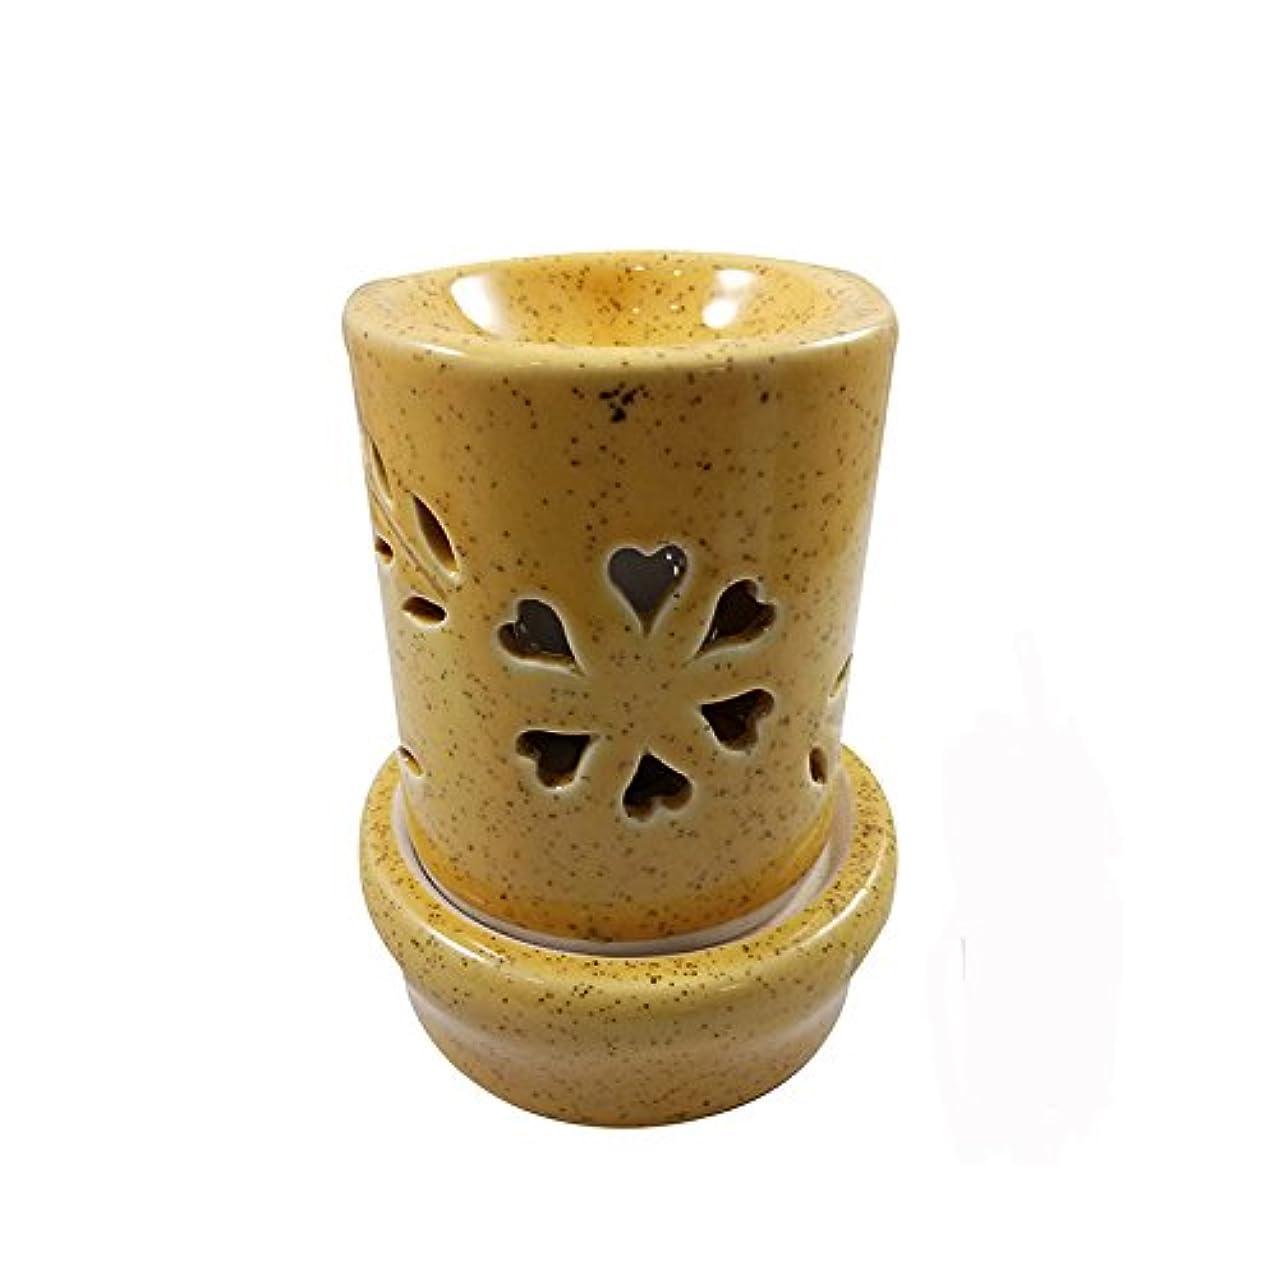 ダイジェストボンド疎外するホームデコレーション定期的に使用する汚染のない手作りセラミックエスニックアロマディフューザーオイルバーナー|良質ブラウン色電気アロマテラピー香油暖かい数量1